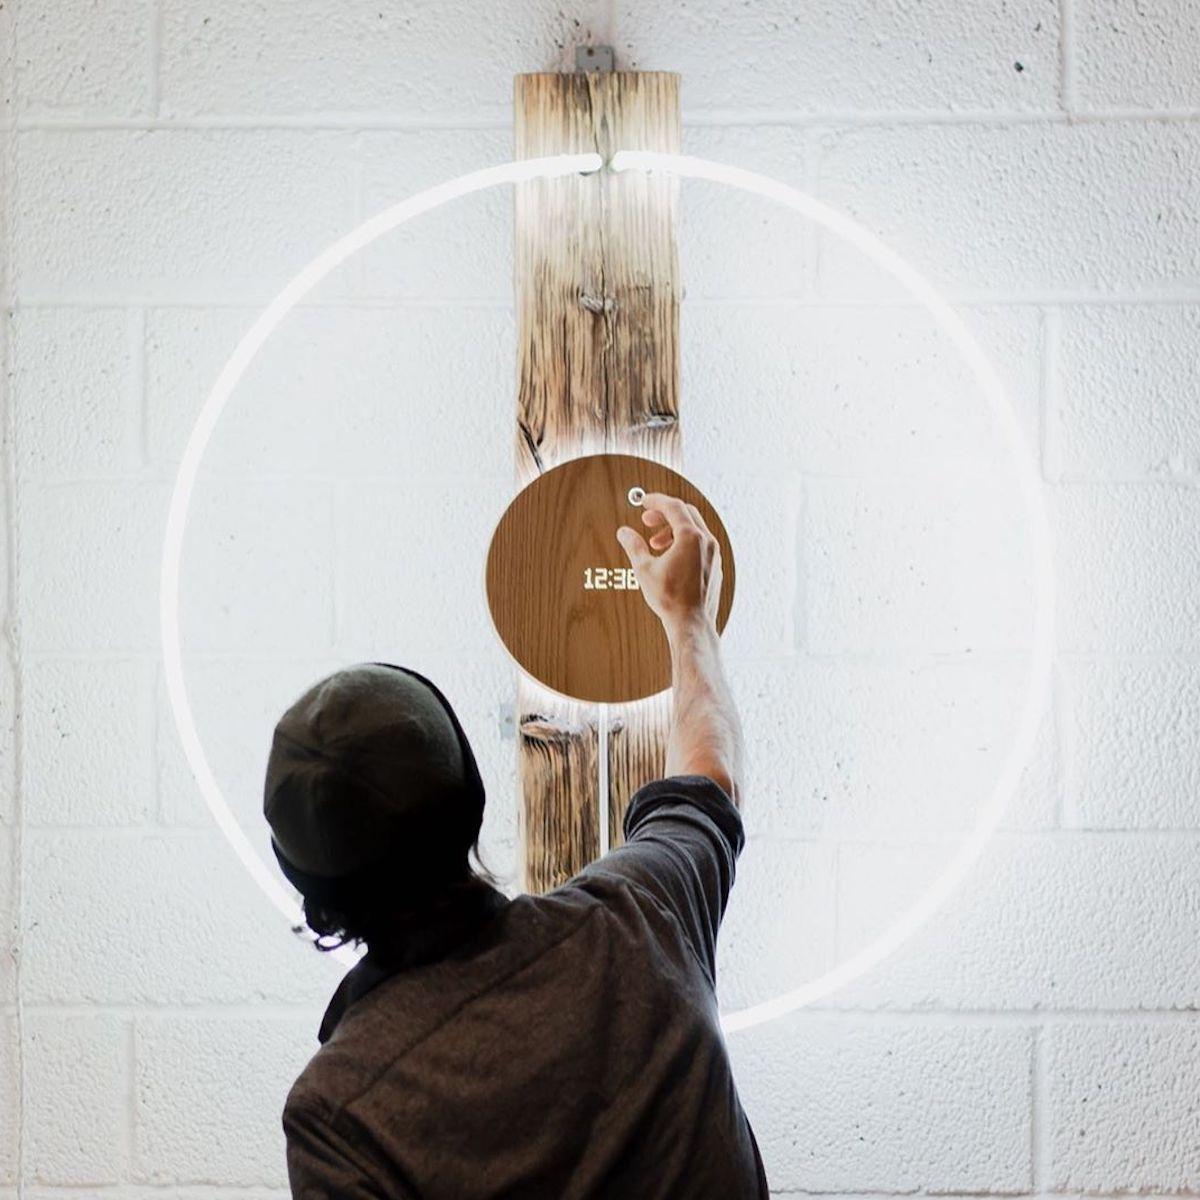 「壁掛け」「平置き」「スタンド立て掛け」の3つの設置方法から選べる。磁力で浮遊する「時の球体」。あなたの物語を軌道に旅をする時計|Flyte STORY